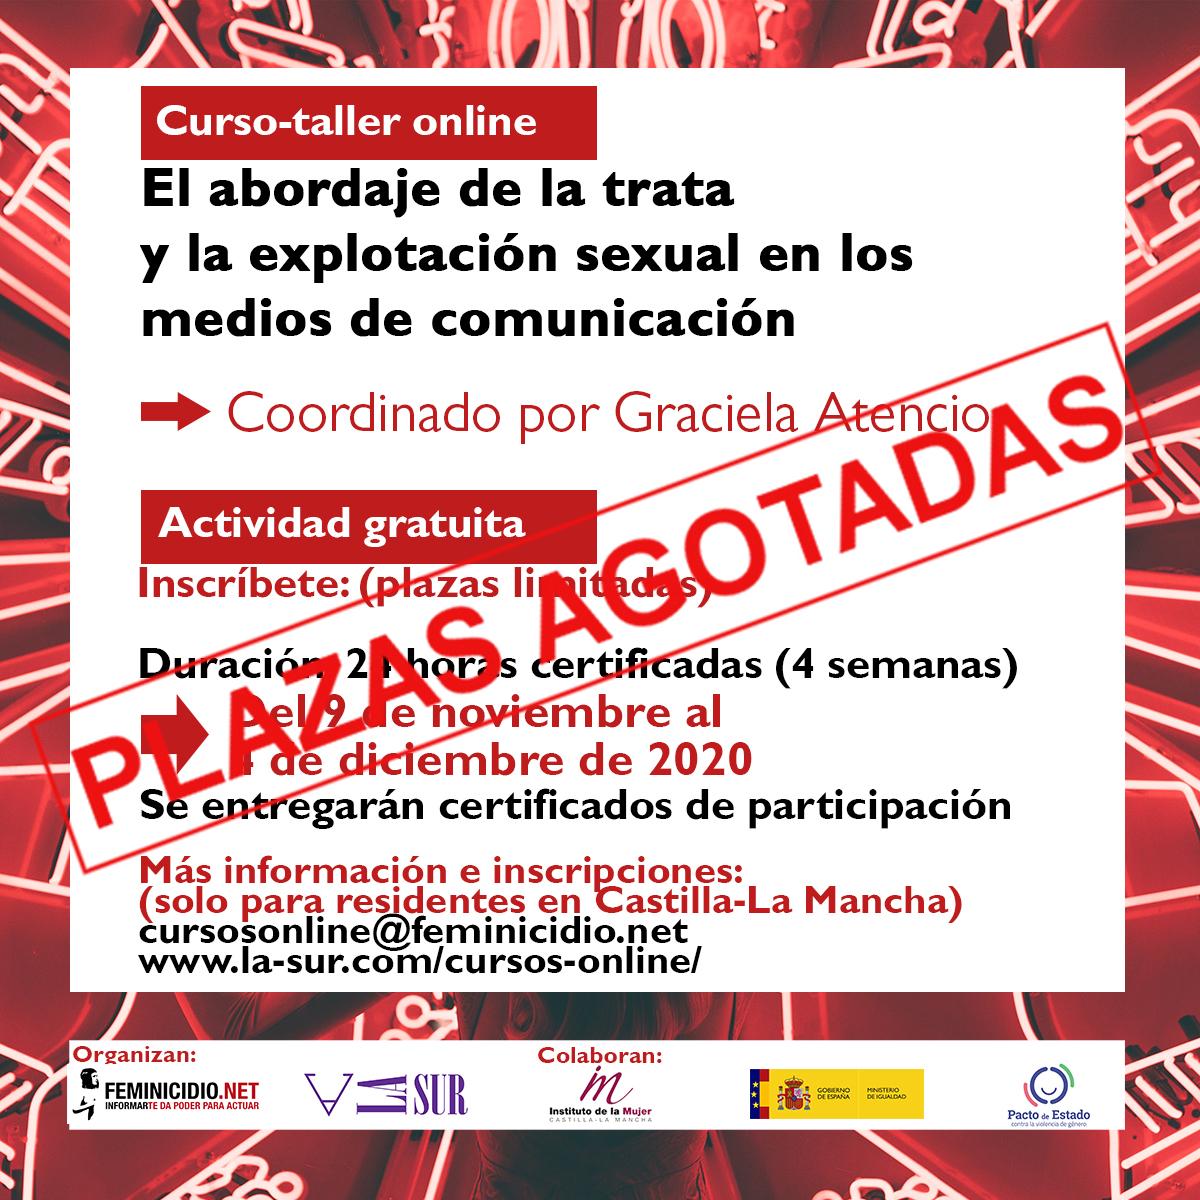 Curso Online Gratuito: El Abordaje De La Trata Y La Explotación Sexual En Los Medios De Comunicación. Para Residentes En Castilla-La Mancha